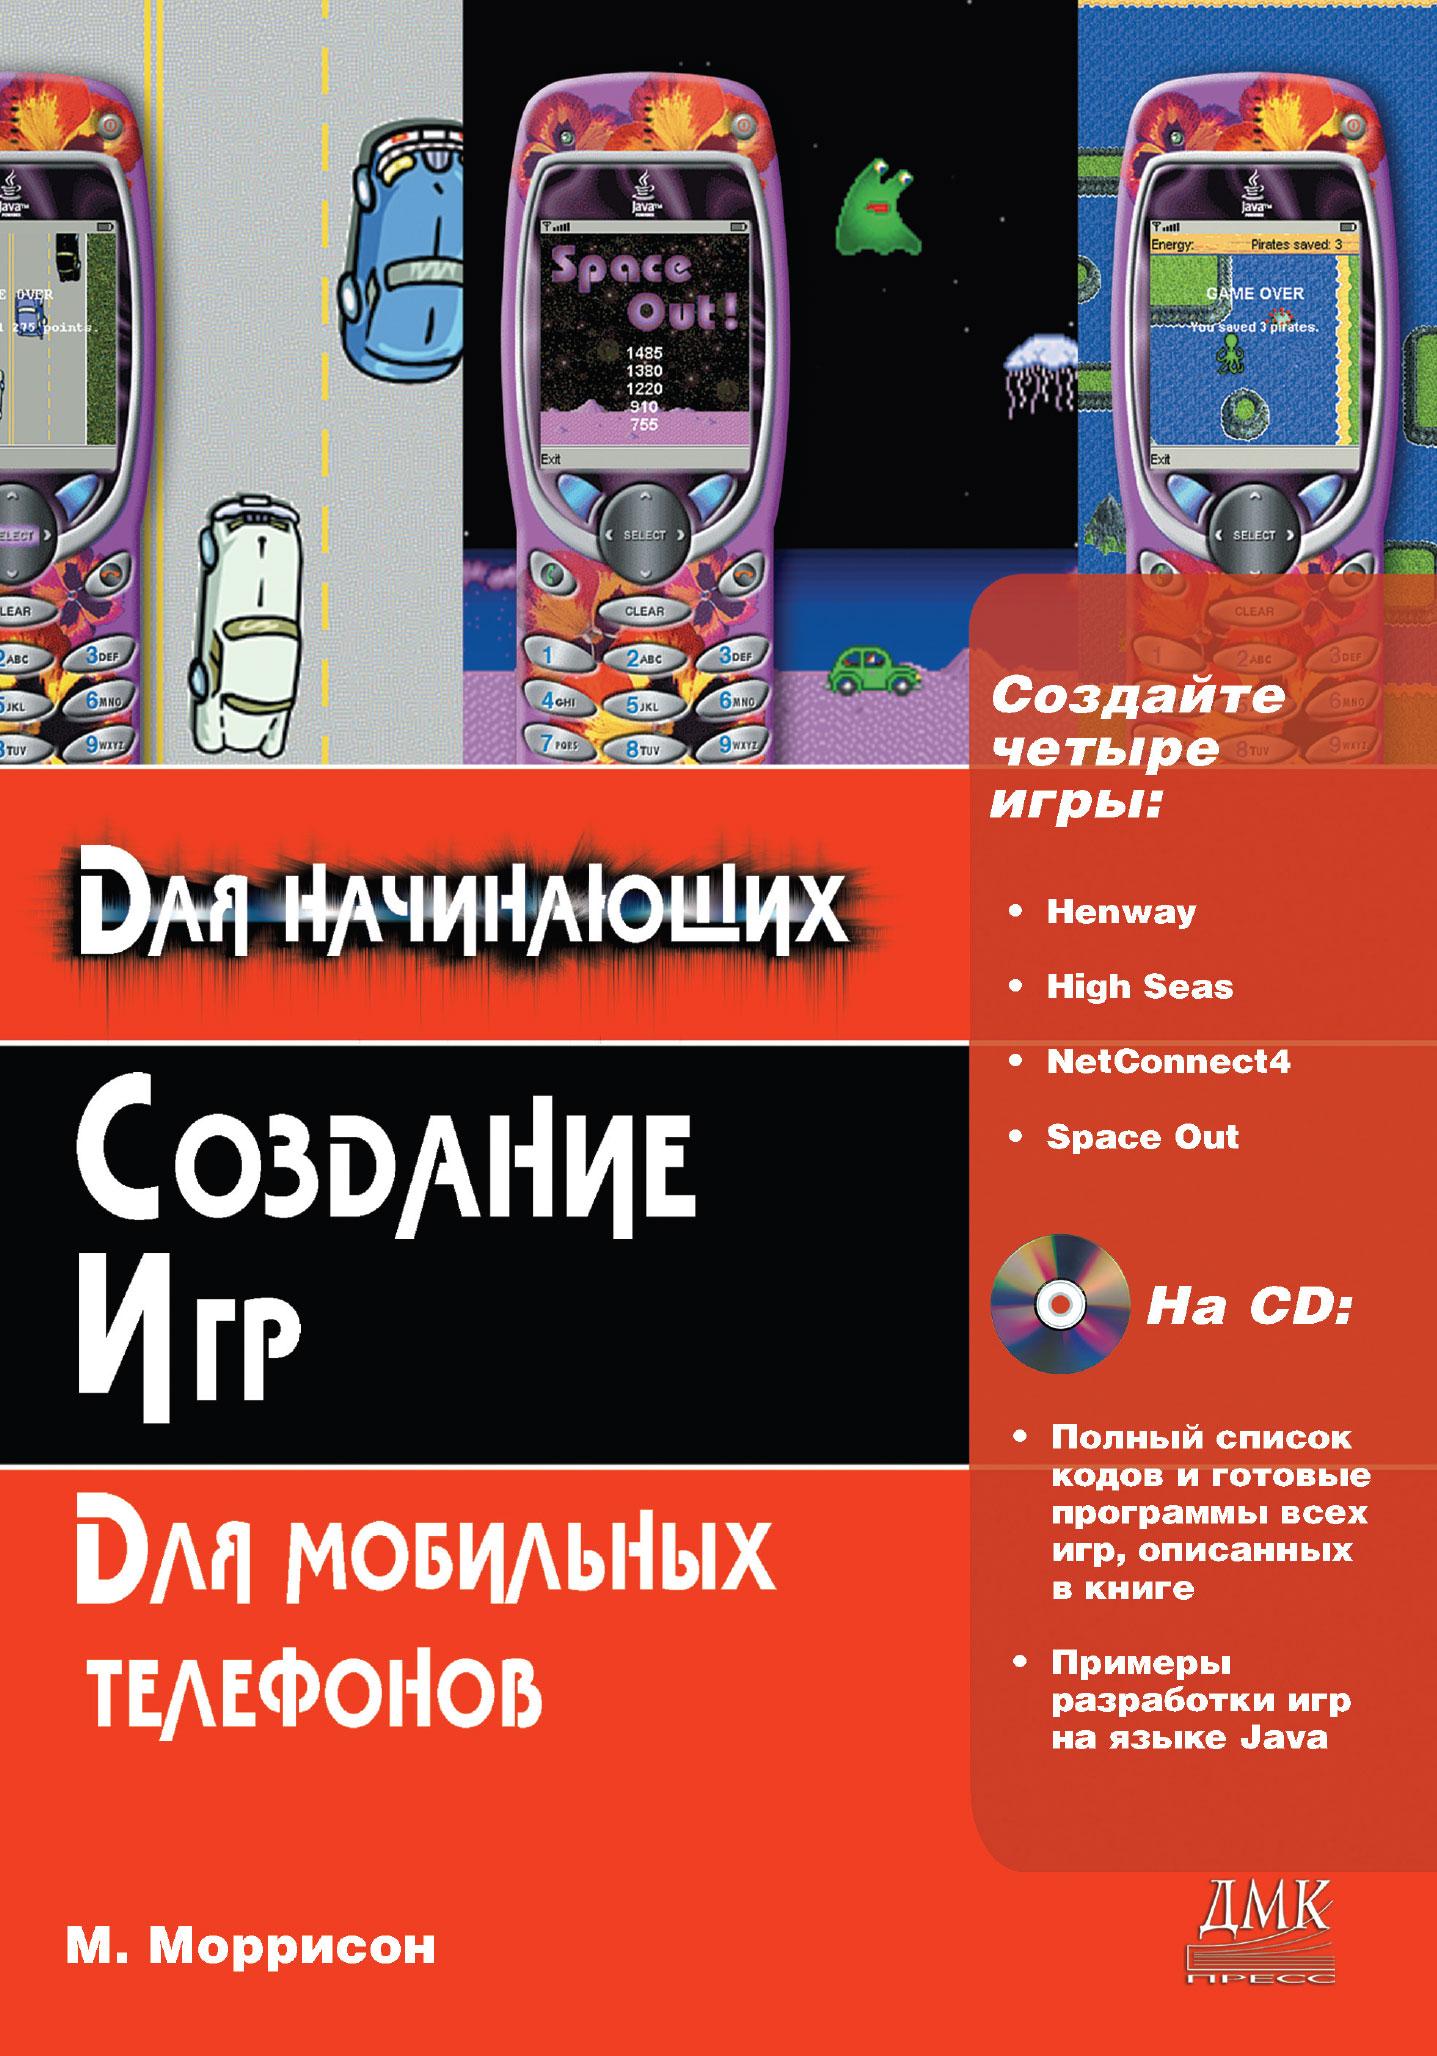 Майкл Моррисон Создание игр для мобильных телефонов чехол для для мобильных телефонов 6